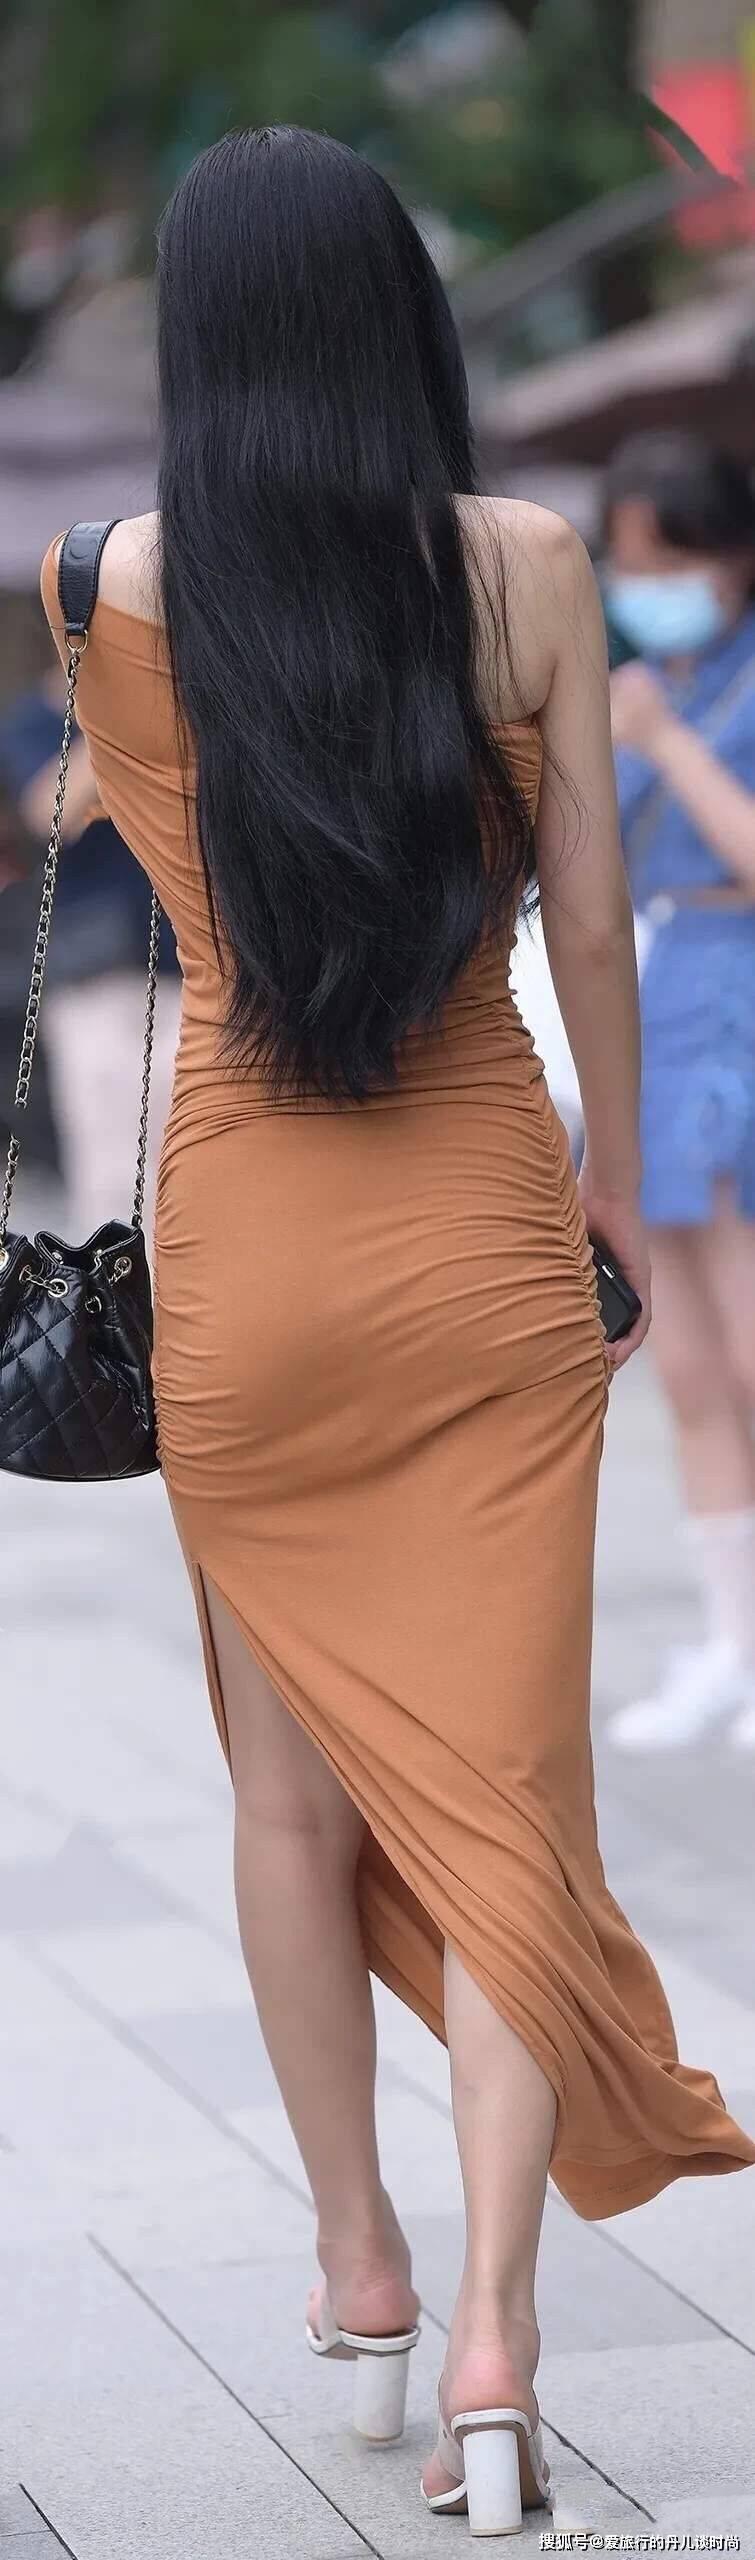 身材好的美眉千万别错过修身斜肩连衣裙,看似出格却美成视觉焦点